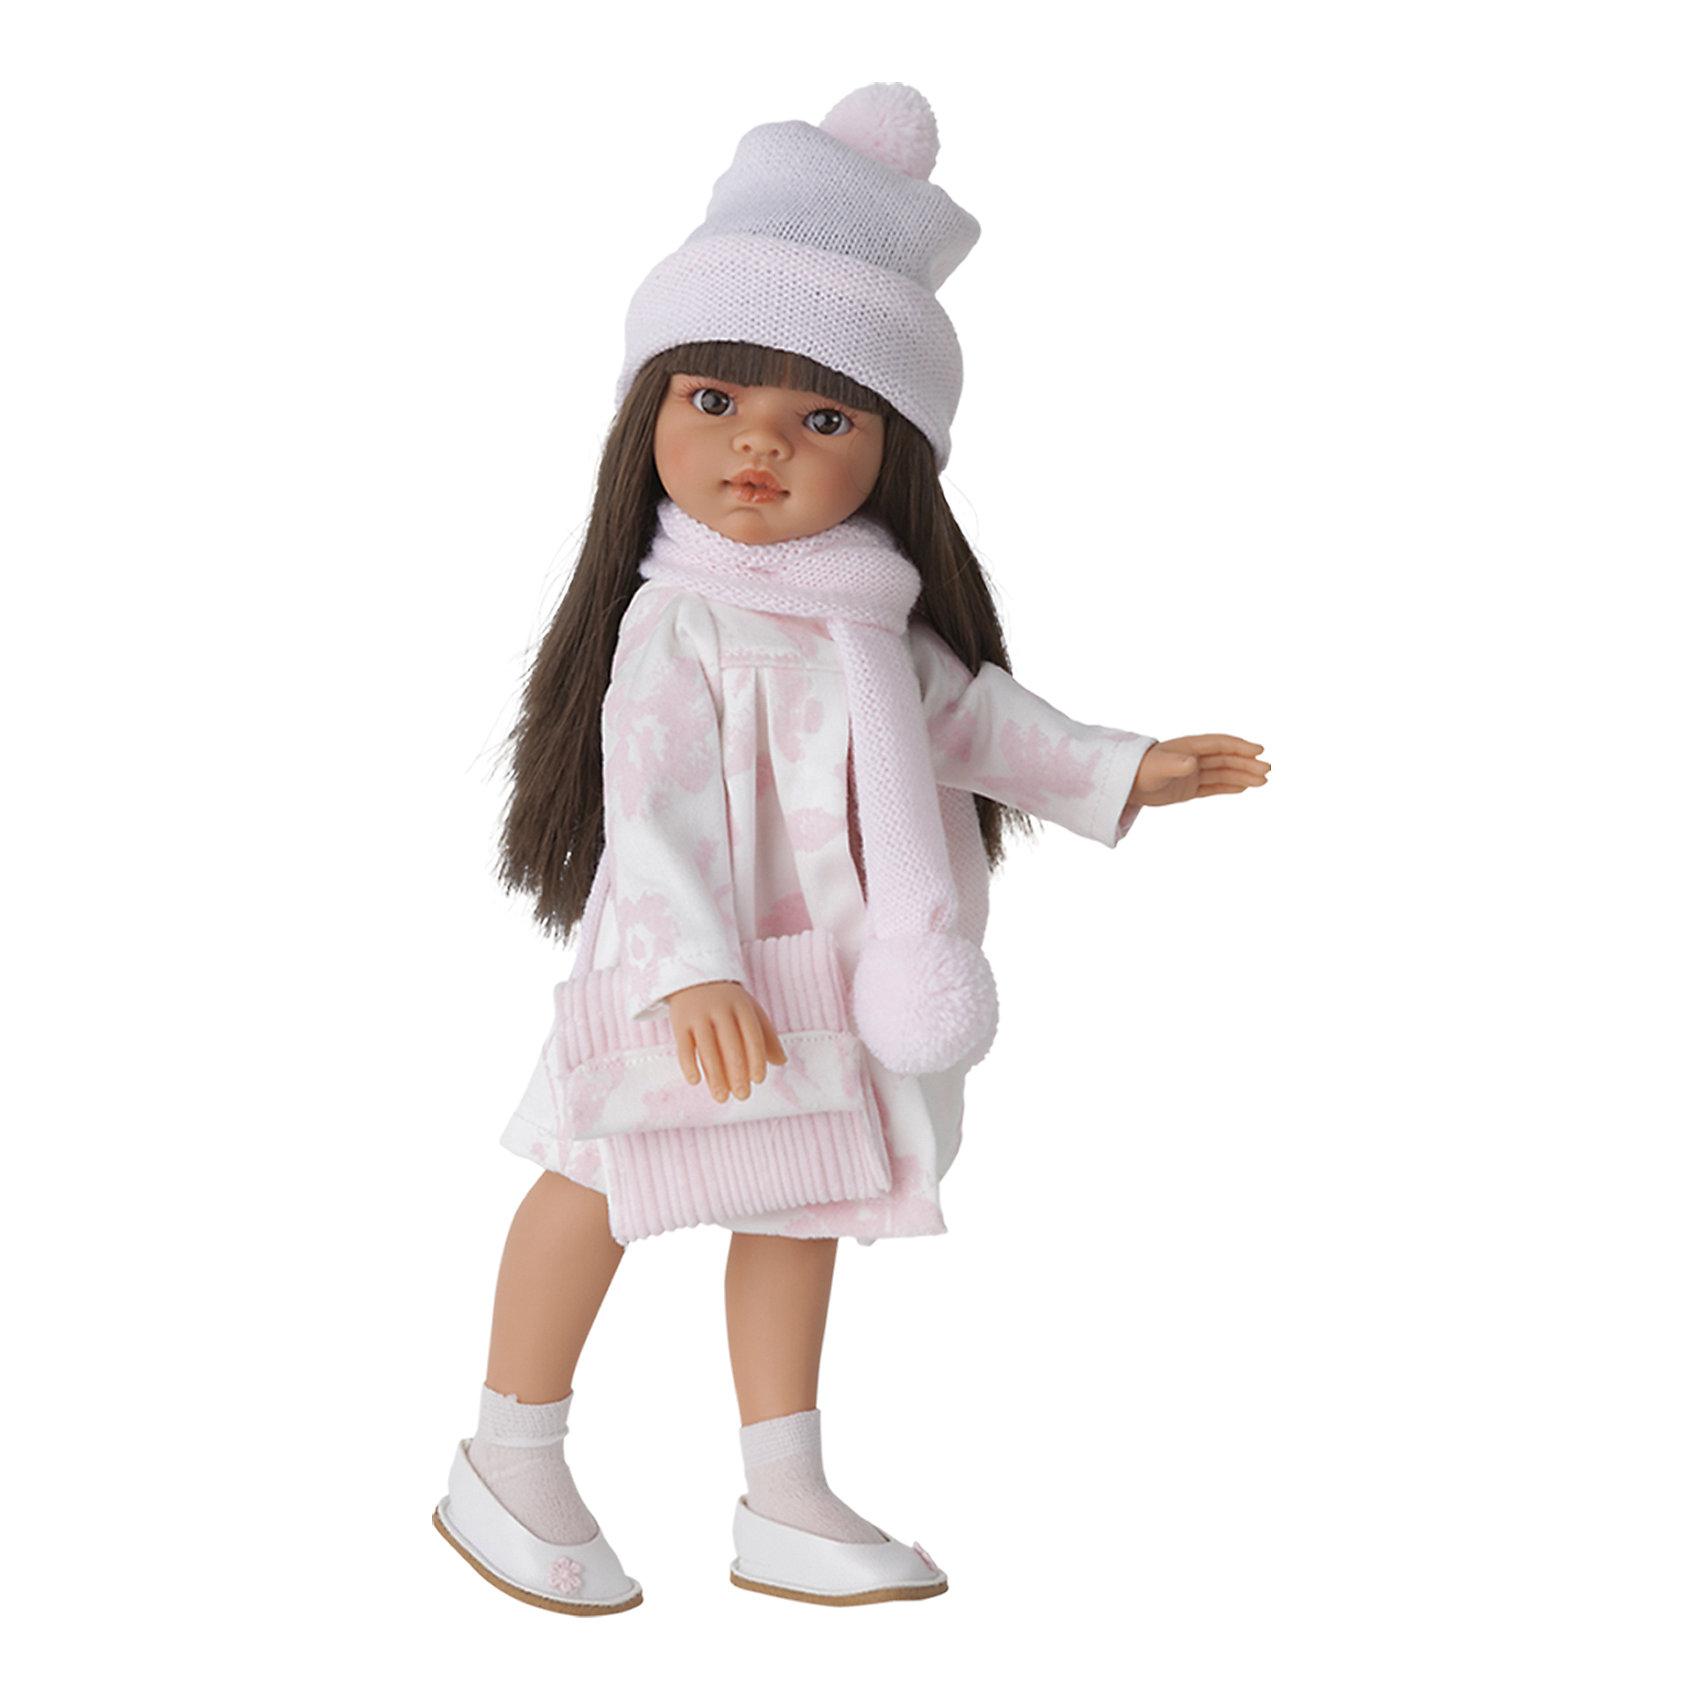 Кукла Эмили, брюнетка, 33 см, Munecas Antonio JuanКукла Эмили, брюнетка, 33 см, Munecas Antonio Juan (Мунекас Антонио Хуан) – красивая кукла в осеннем наряде порадует вашу девочку.<br>Очаровательная девочка Эмили - это высококачественная кукла, созданная испанским производителем Мунекас Антонио Хуан. У Эмили грациозная стройная фигура и симпатичное лицо, выполненное с тщательной прорисовкой деталей. Выразительные глазки обрамлены длинными ресницами. Длинные густые шелковистые волосы легко расчесывать и делать различные прически. Руки, ноги и голова куклы подвижны. Глаза не закрываются. Стильный наряд куклы создан испанским дизайнером. Эмили одета в красивое платье, бело-розовый плащ, шапочку и шарф с помпонами. Завершает нежный романтический образ стильная сумочка и белые туфельки с цветочком. Кукла изготовлена из высококачественного винила с добавлением силикона.<br><br>Дополнительная информация:<br><br>- Высота куклы: 33 см.<br>- Материал: текстиль, высококачественный винил, силикон<br>- Упаковка: подарочная коробка<br>- Размер упаковки: 13х17х39 см.<br>- Вес: 750 гр.<br><br>Куклу Эмили, брюнетку, 33 см, Munecas Antonio Juan (Мунекас Антонио Хуан) можно купить в нашем интернет-магазине.<br><br>Ширина мм: 130<br>Глубина мм: 170<br>Высота мм: 390<br>Вес г: 750<br>Возраст от месяцев: 36<br>Возраст до месяцев: 84<br>Пол: Женский<br>Возраст: Детский<br>SKU: 4347296